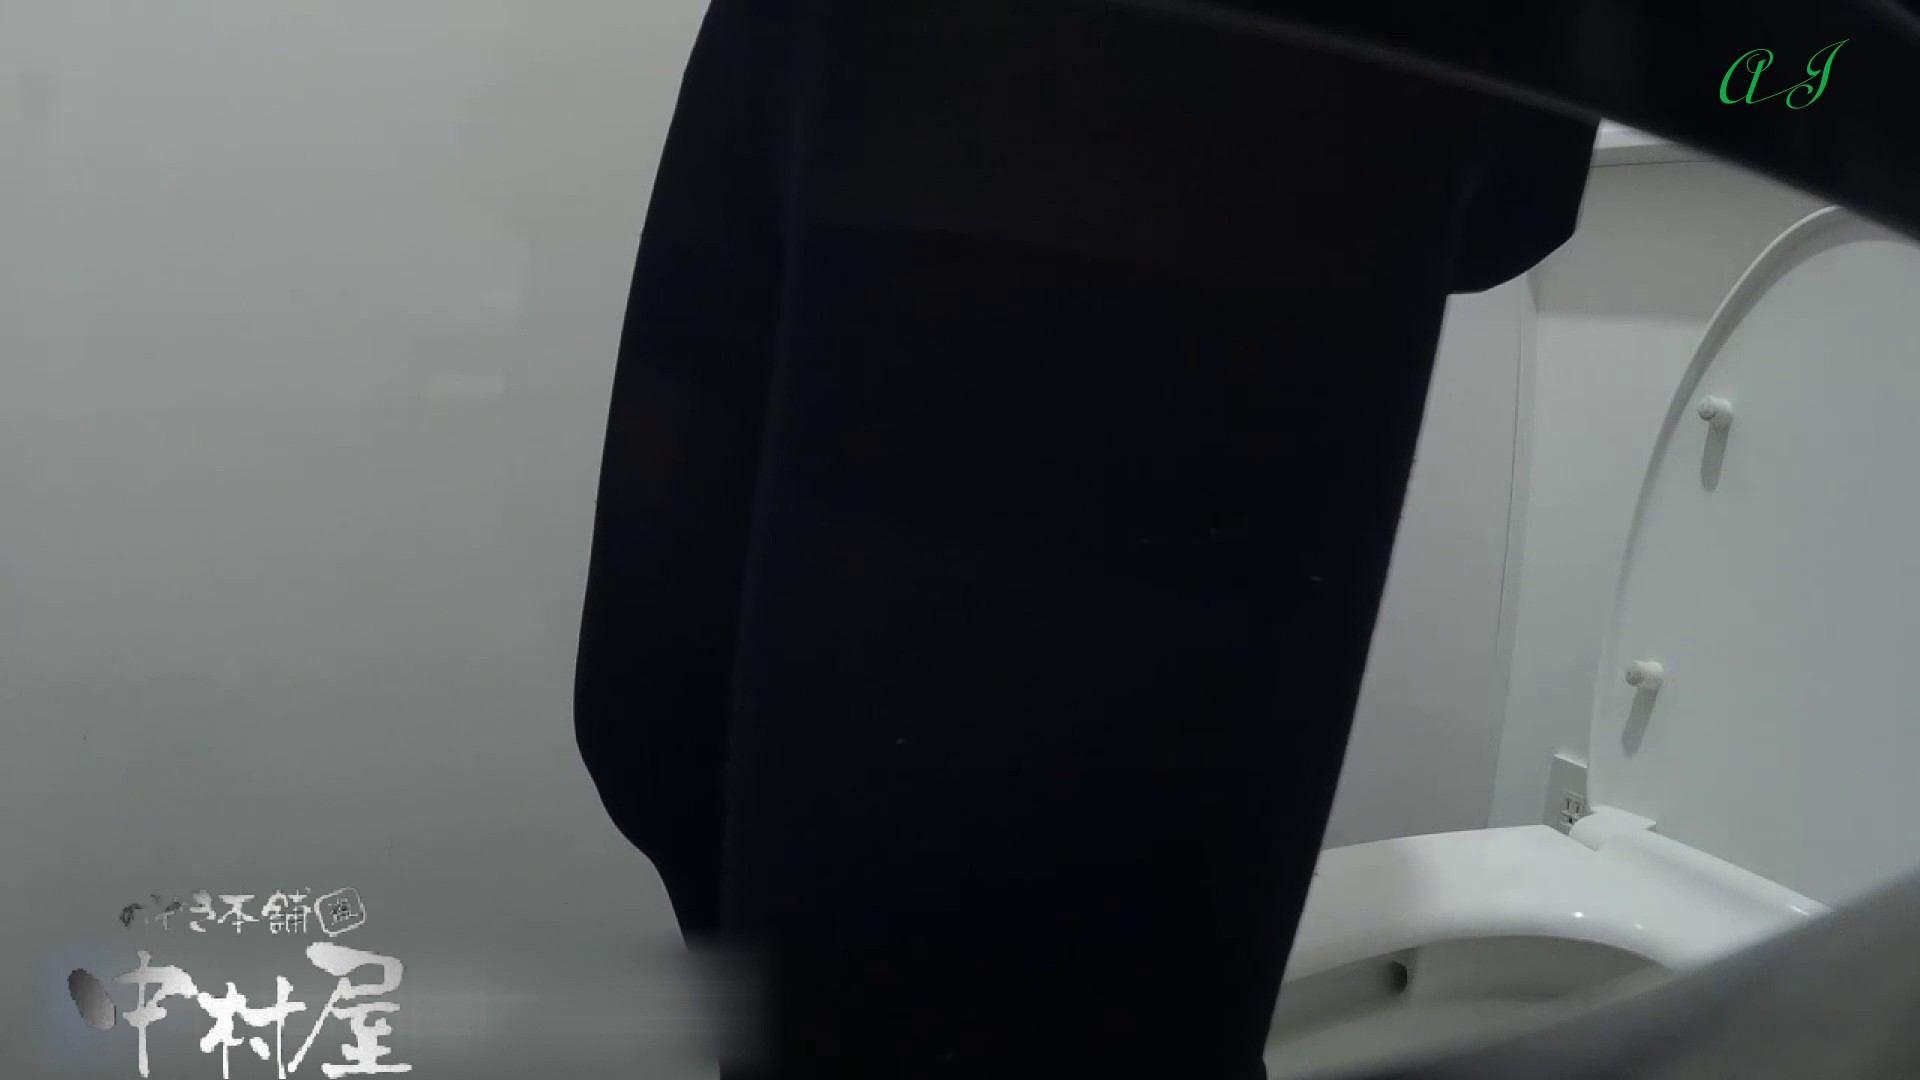 新アングル 4名の美女達 有名大学女性洗面所 vol.76後編 潜入 ワレメ無修正動画無料 68PICs 7